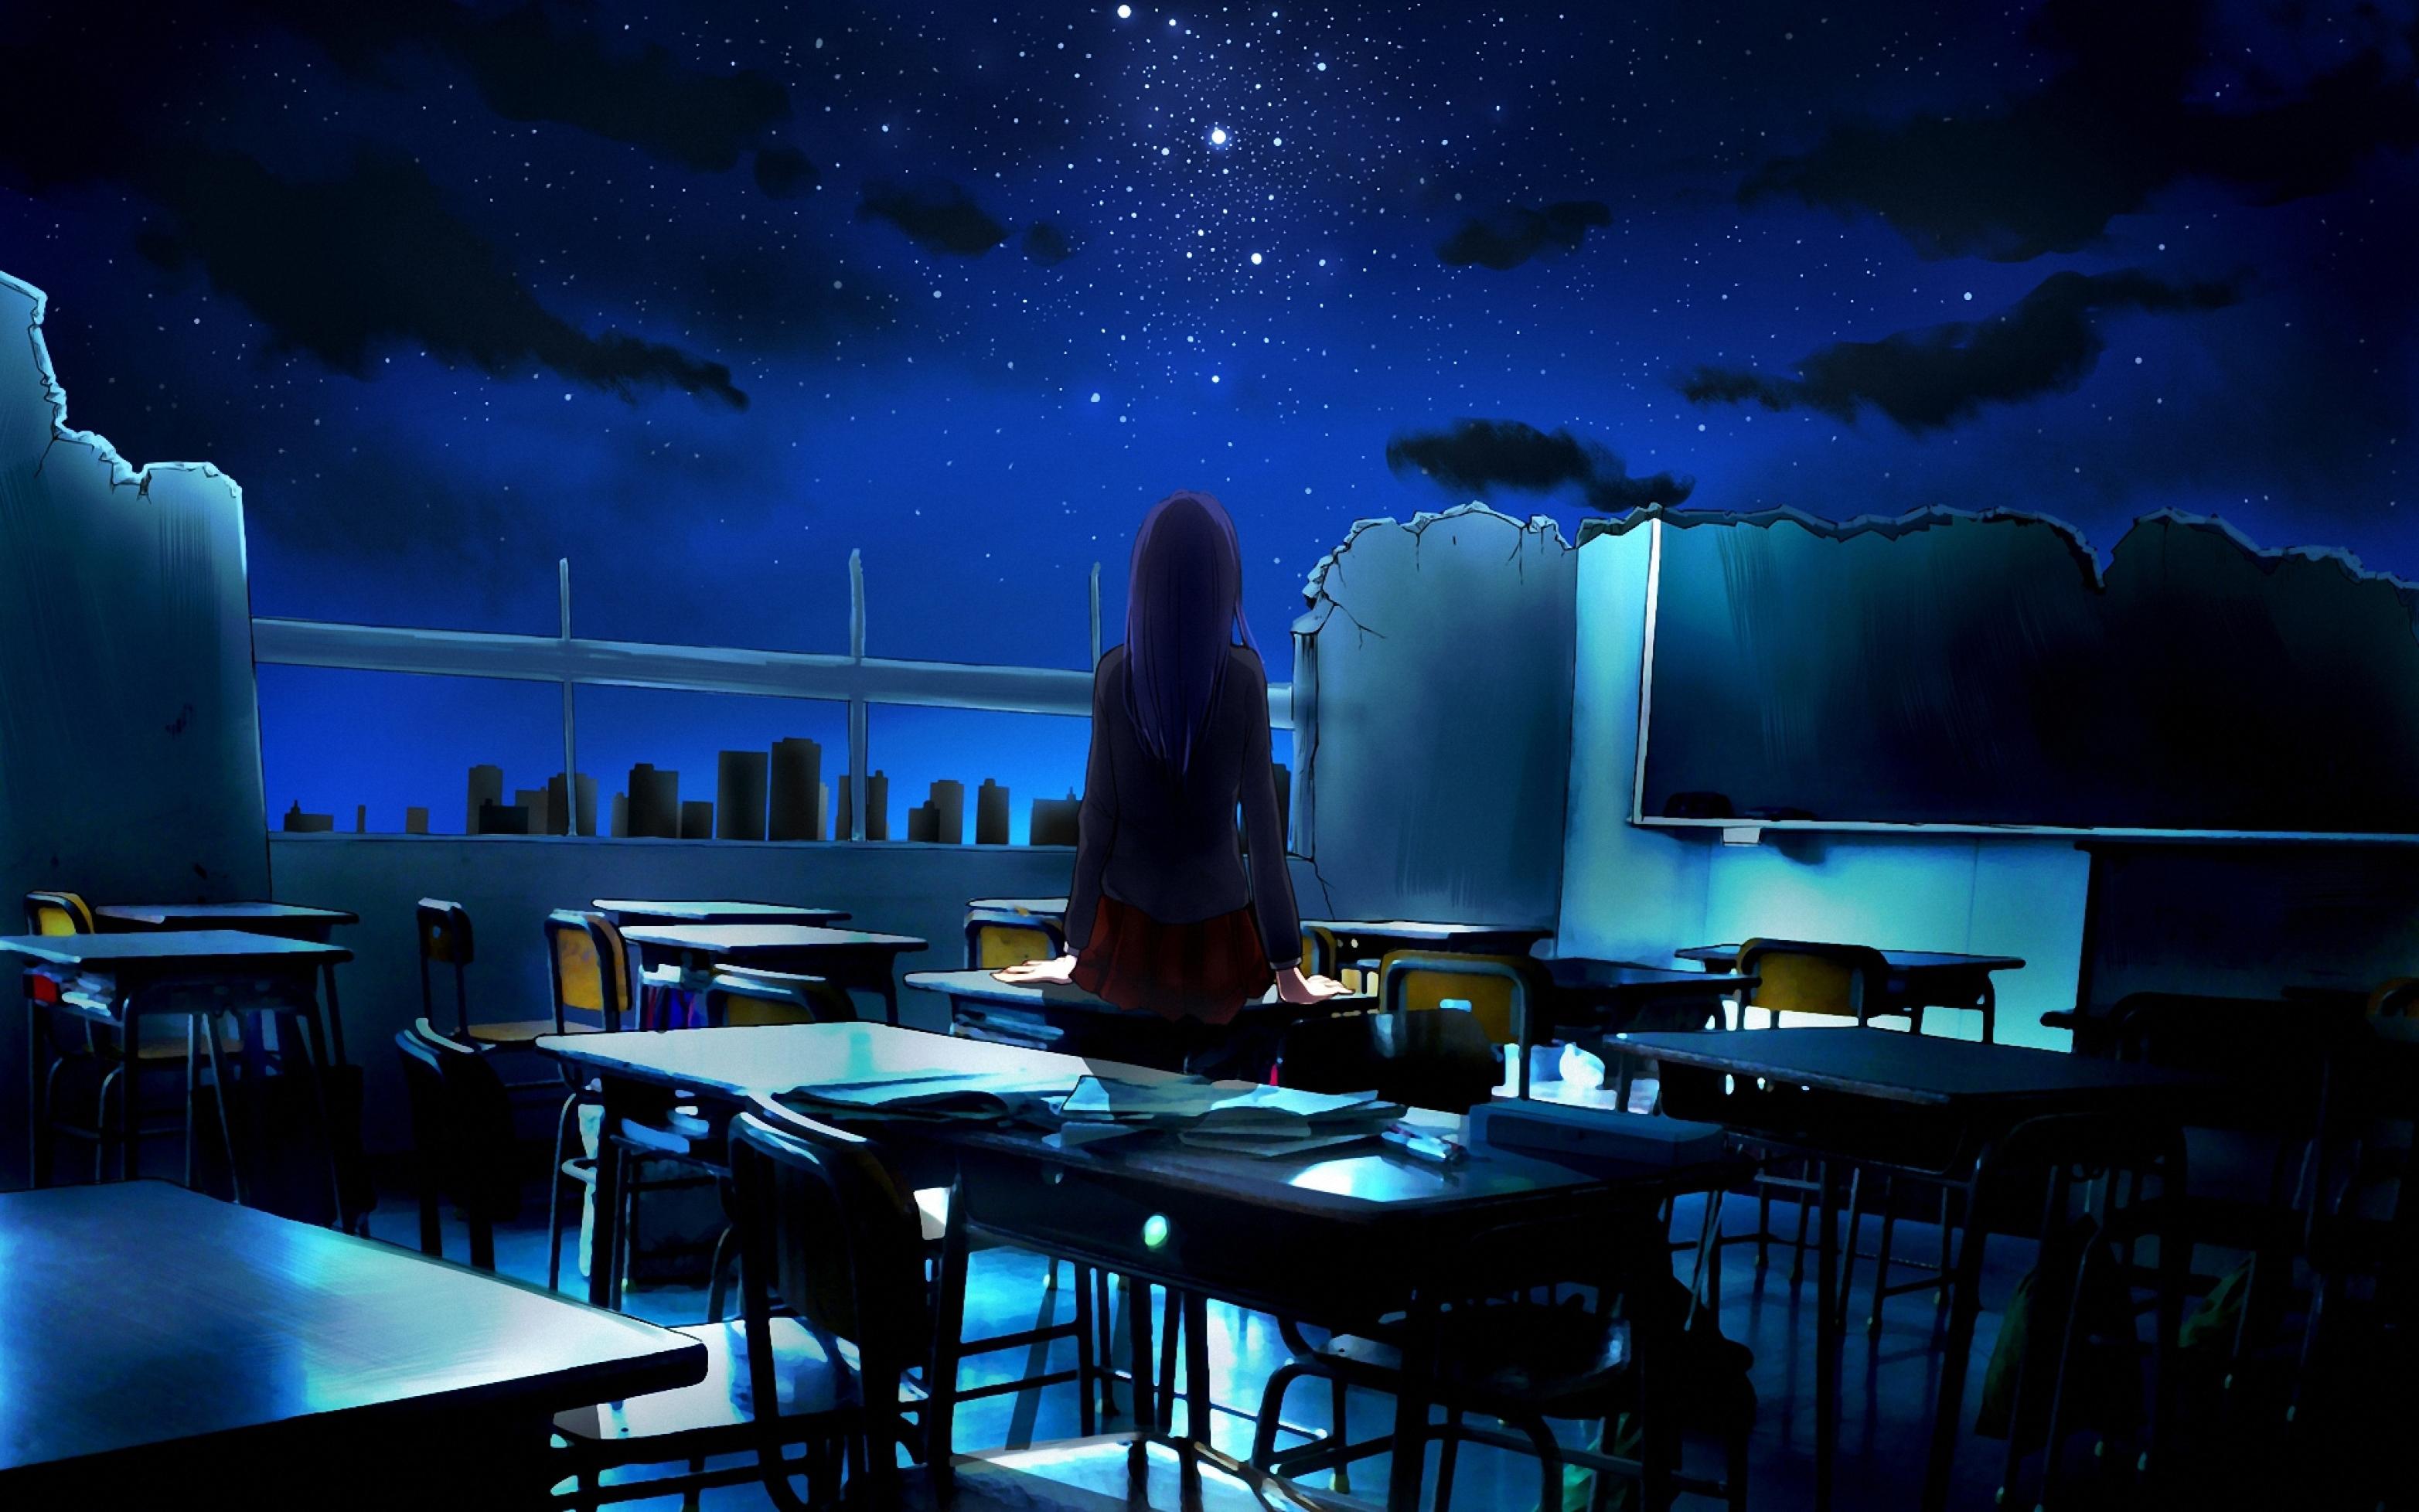 Hình nền anime cô gái cô đơn trong phòng học đổ nát